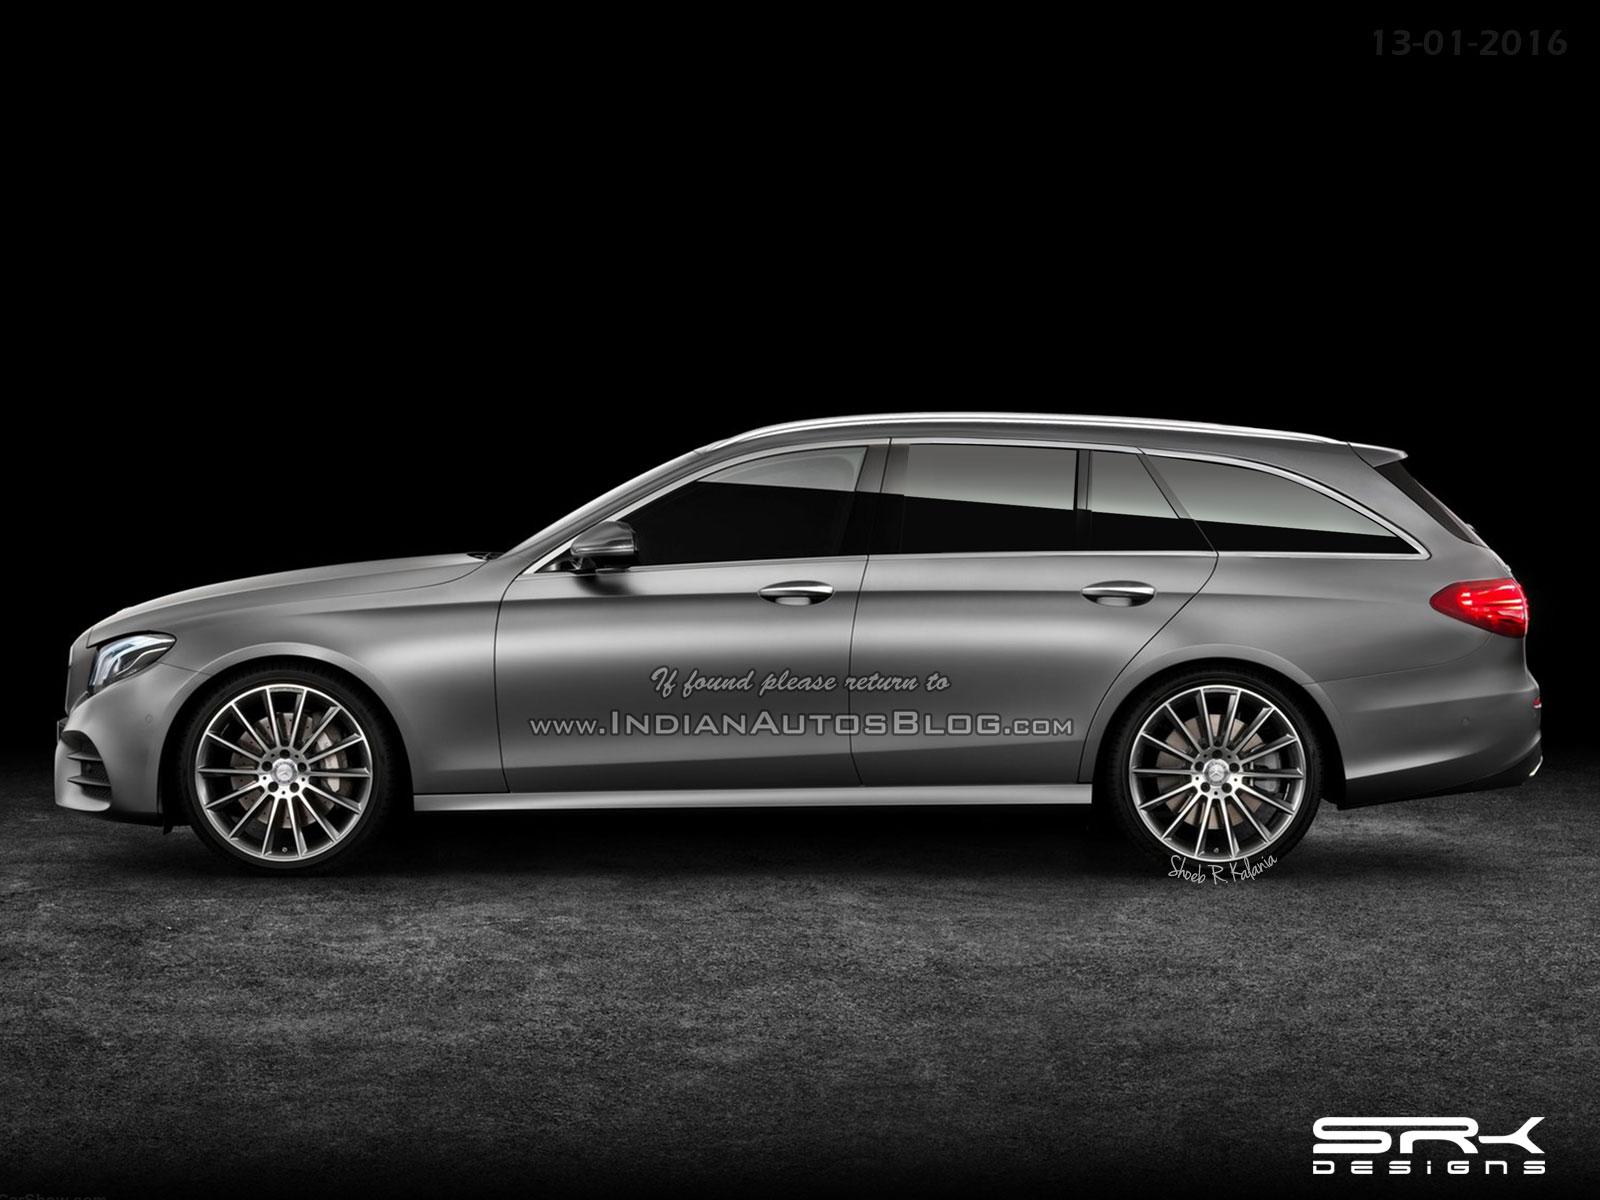 http://www.benzinsider.com/wp-content/uploads/2016/01/Mercedes-E-Class-estate-rendering.jpg